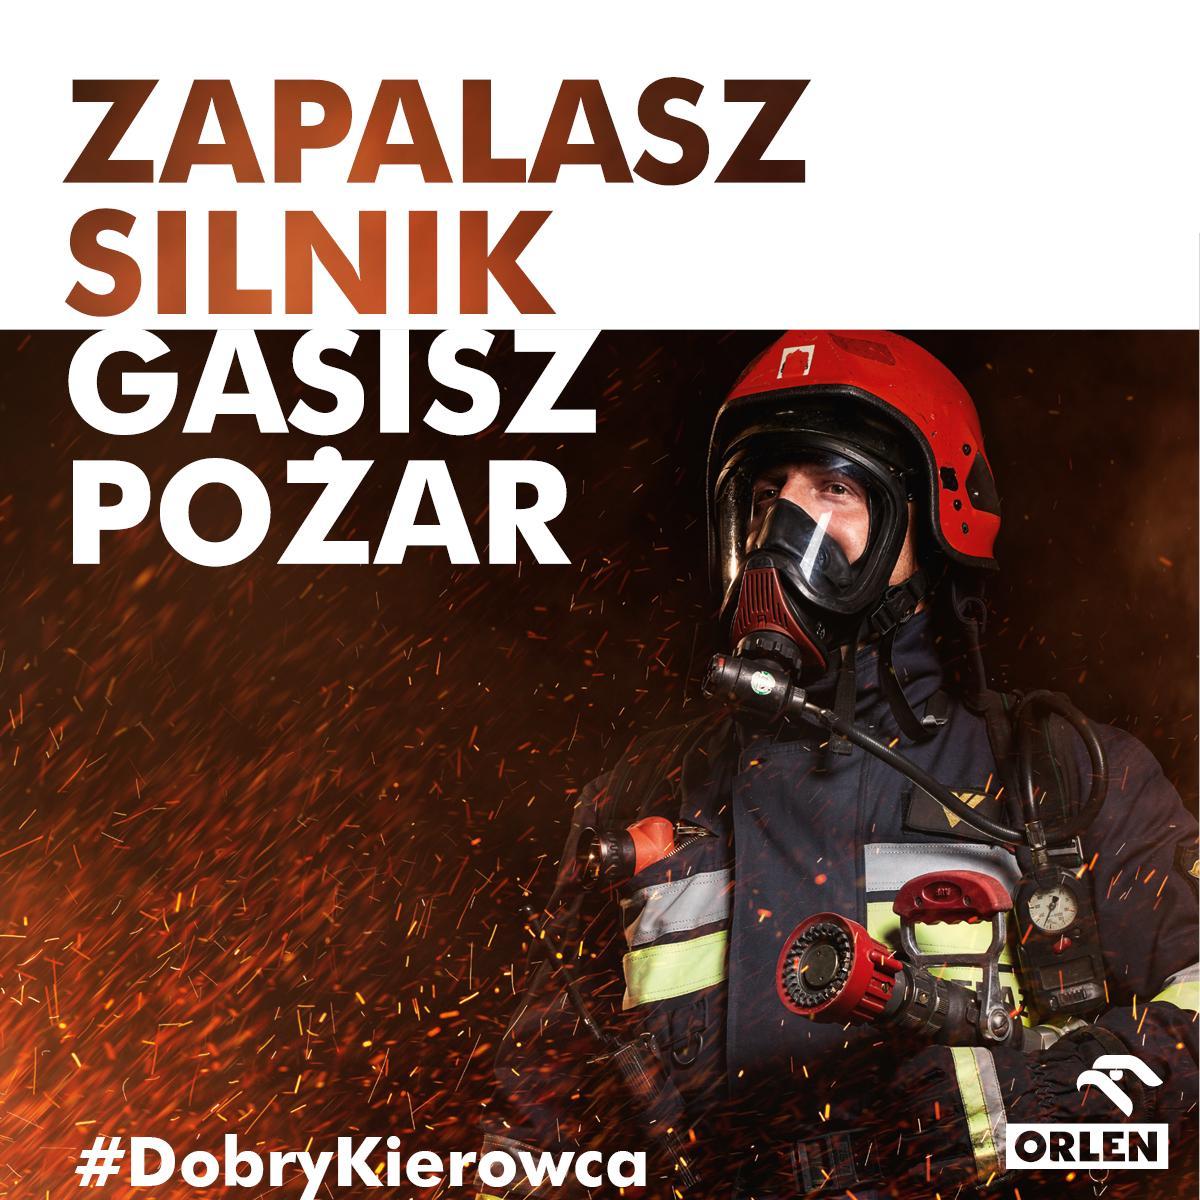 Kupując na stacjach #ORLEN przyłączasz się do akcji #DobryKierowca wspierającej program ORLEN dla Strażaków👍 Inicjatywa kierowana do jednostek Państwowej i Ochotniczej Straży Pożarnej finansuje zakup sprzętu do walki z pożarami i klęskami żywiołowymi 👉 http://dobrykierowca.orlen.pl